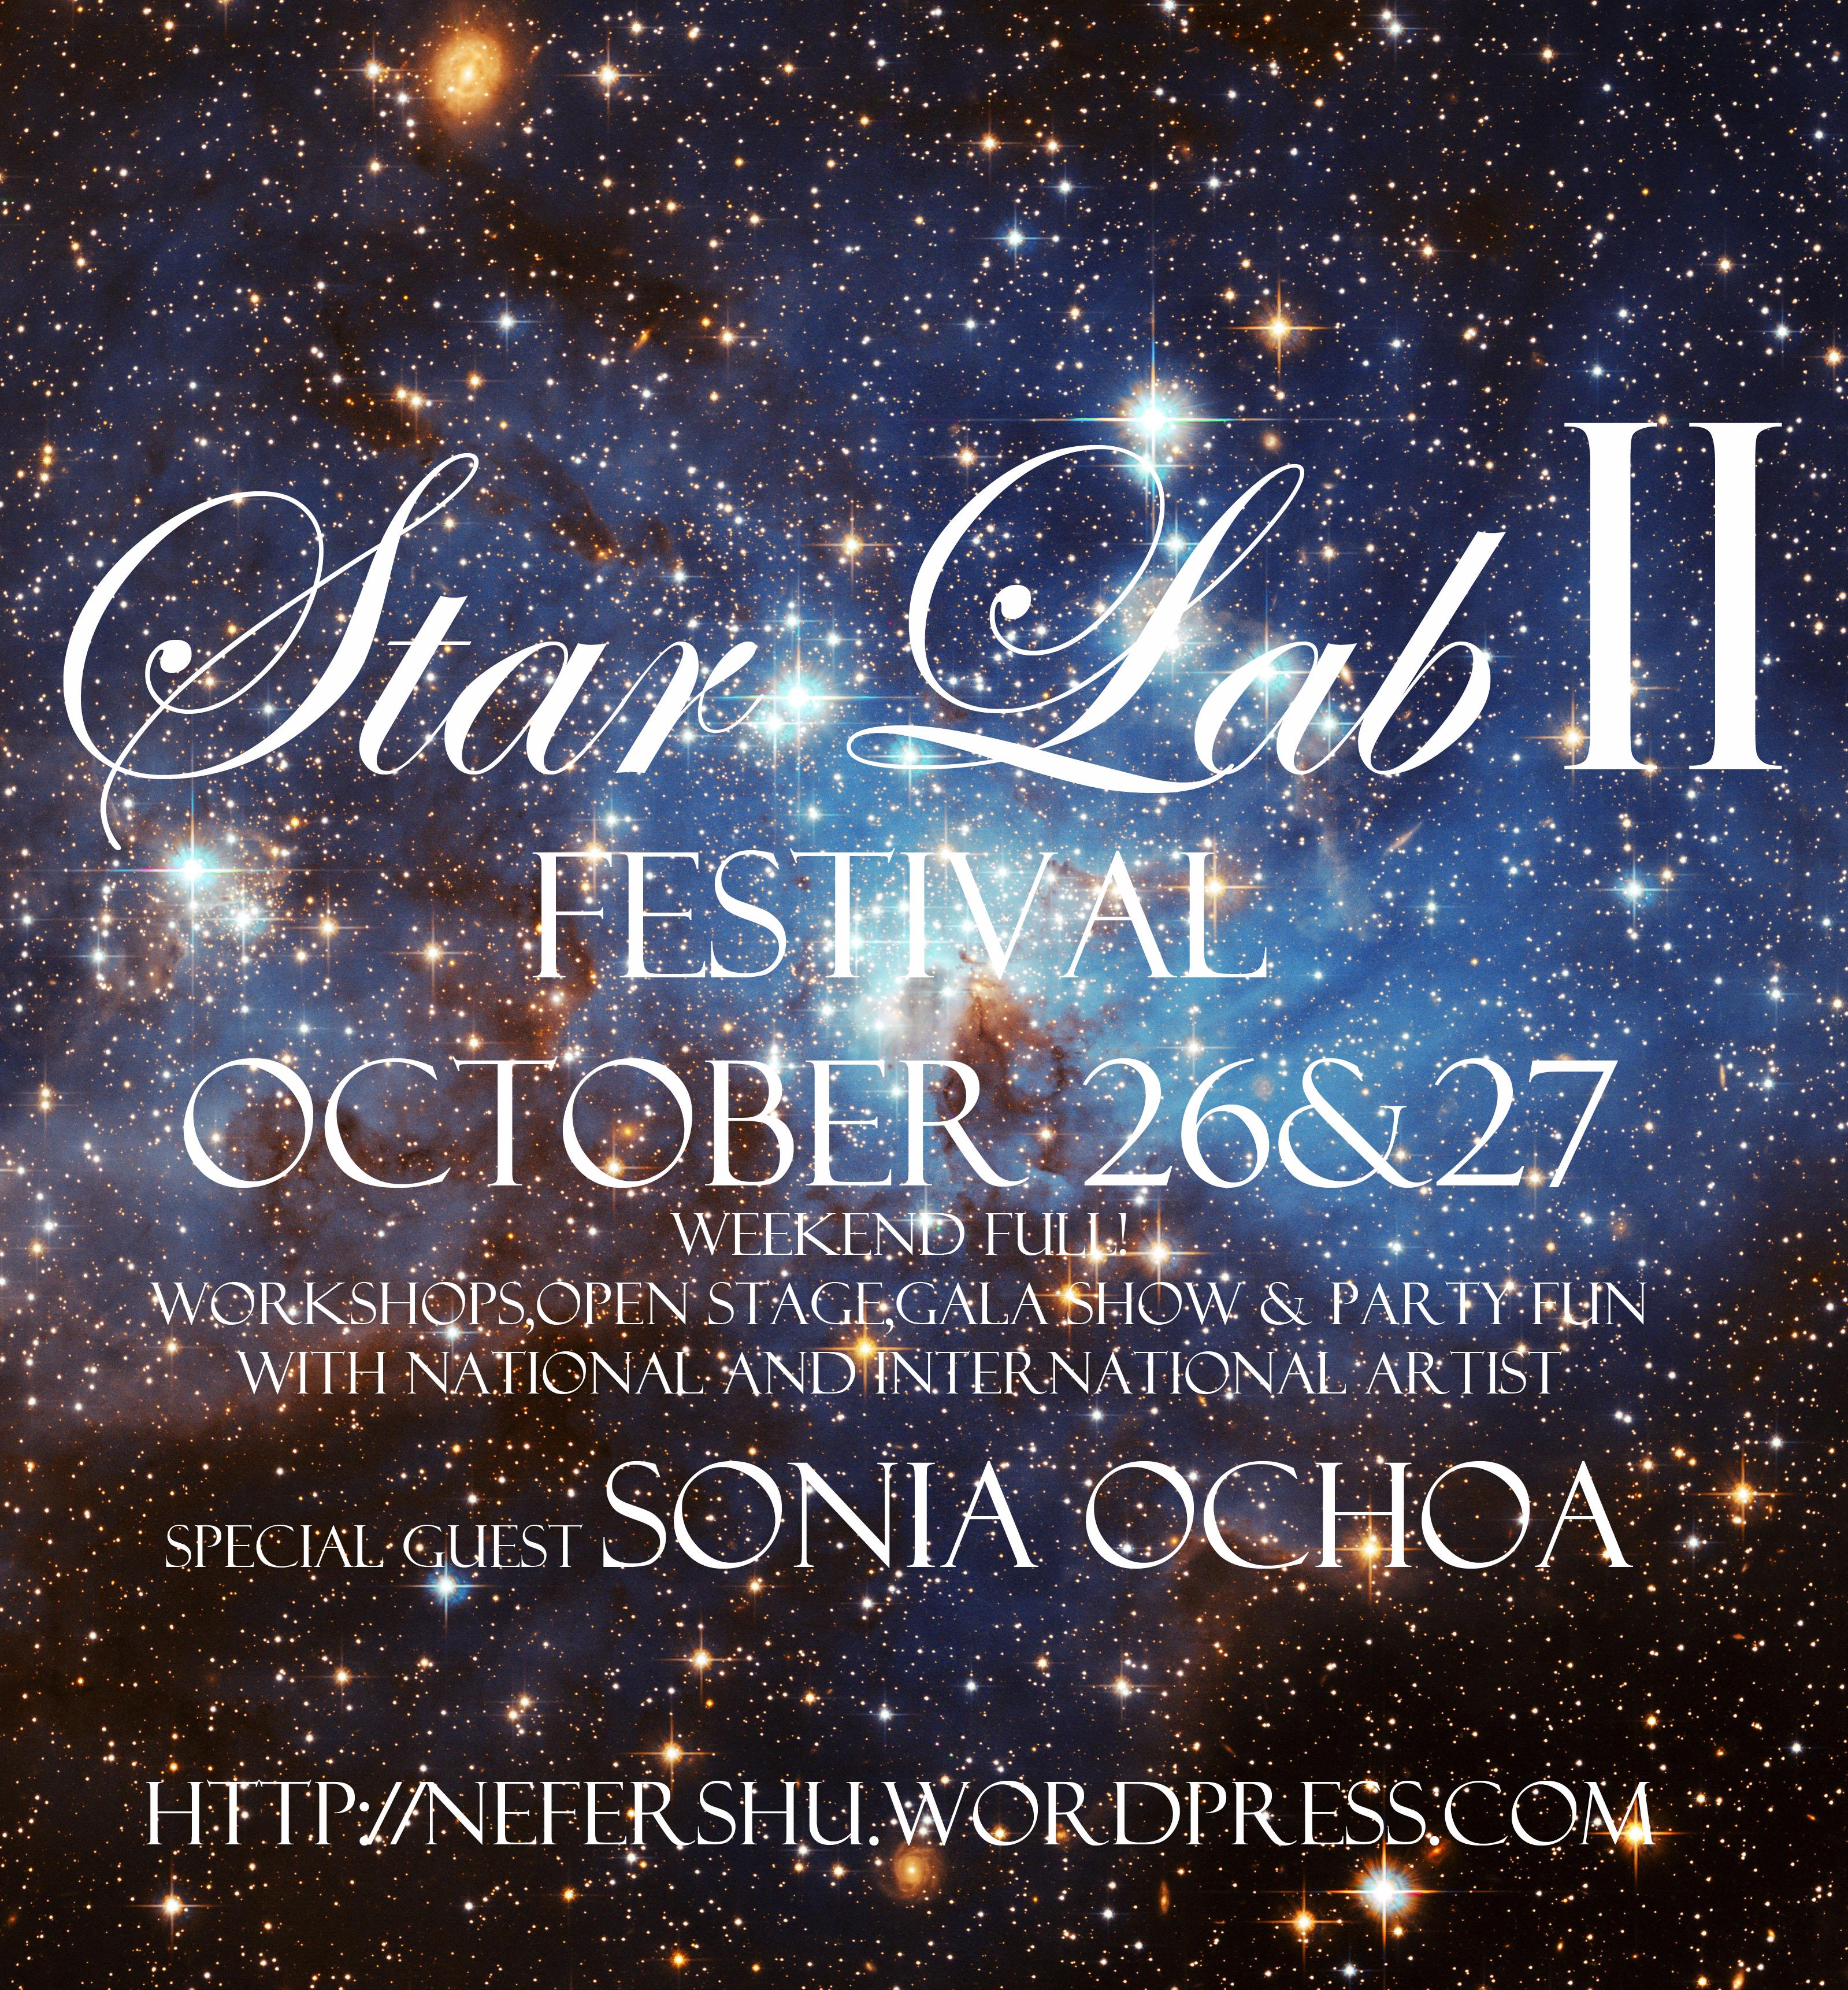 Star Lab LoveInAction  II Festival con Sonia Ochoa 26 y 27 de Octubre 2013 en Barcelona